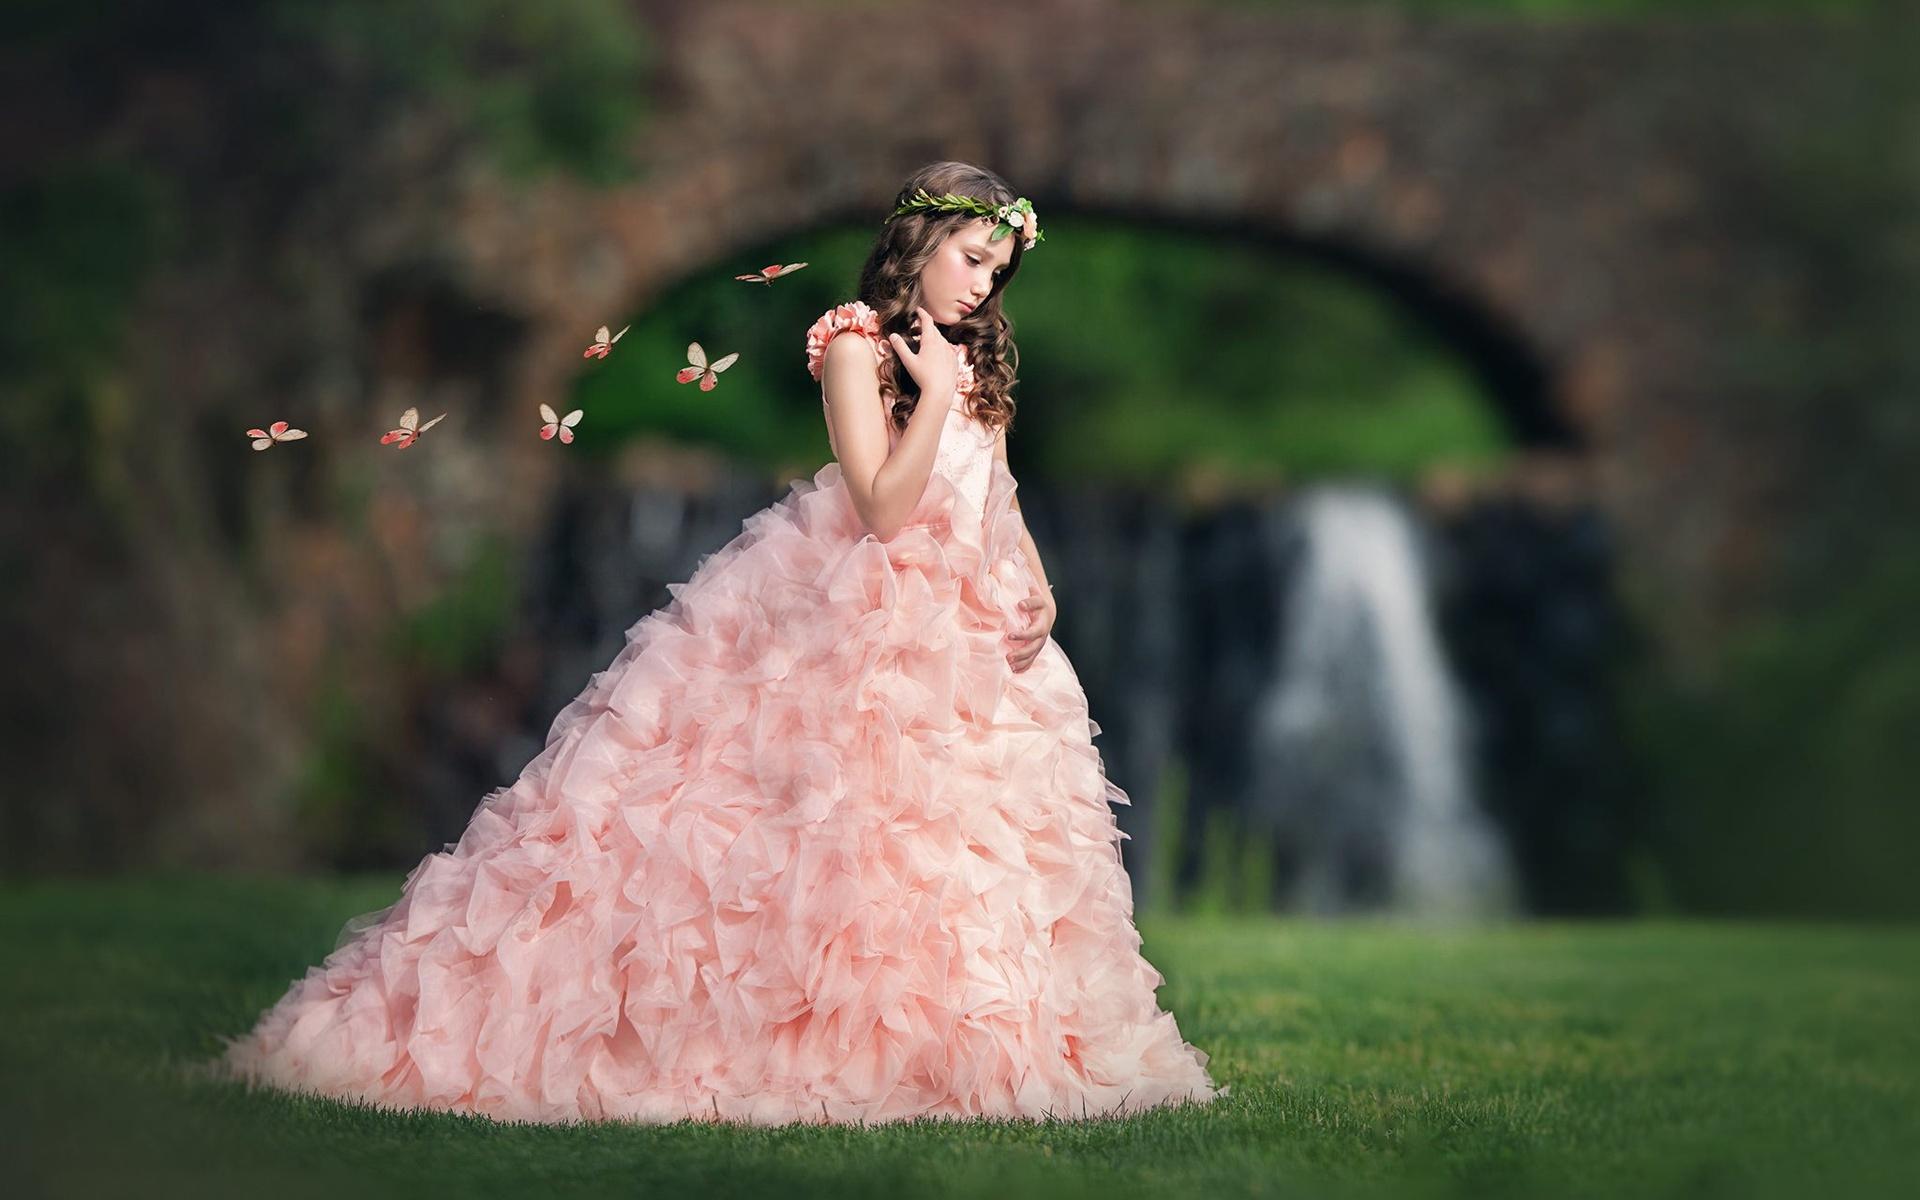 壁紙 ピンクのドレスの女の子 子供 草 蝶 1920x1200 Hd 無料の